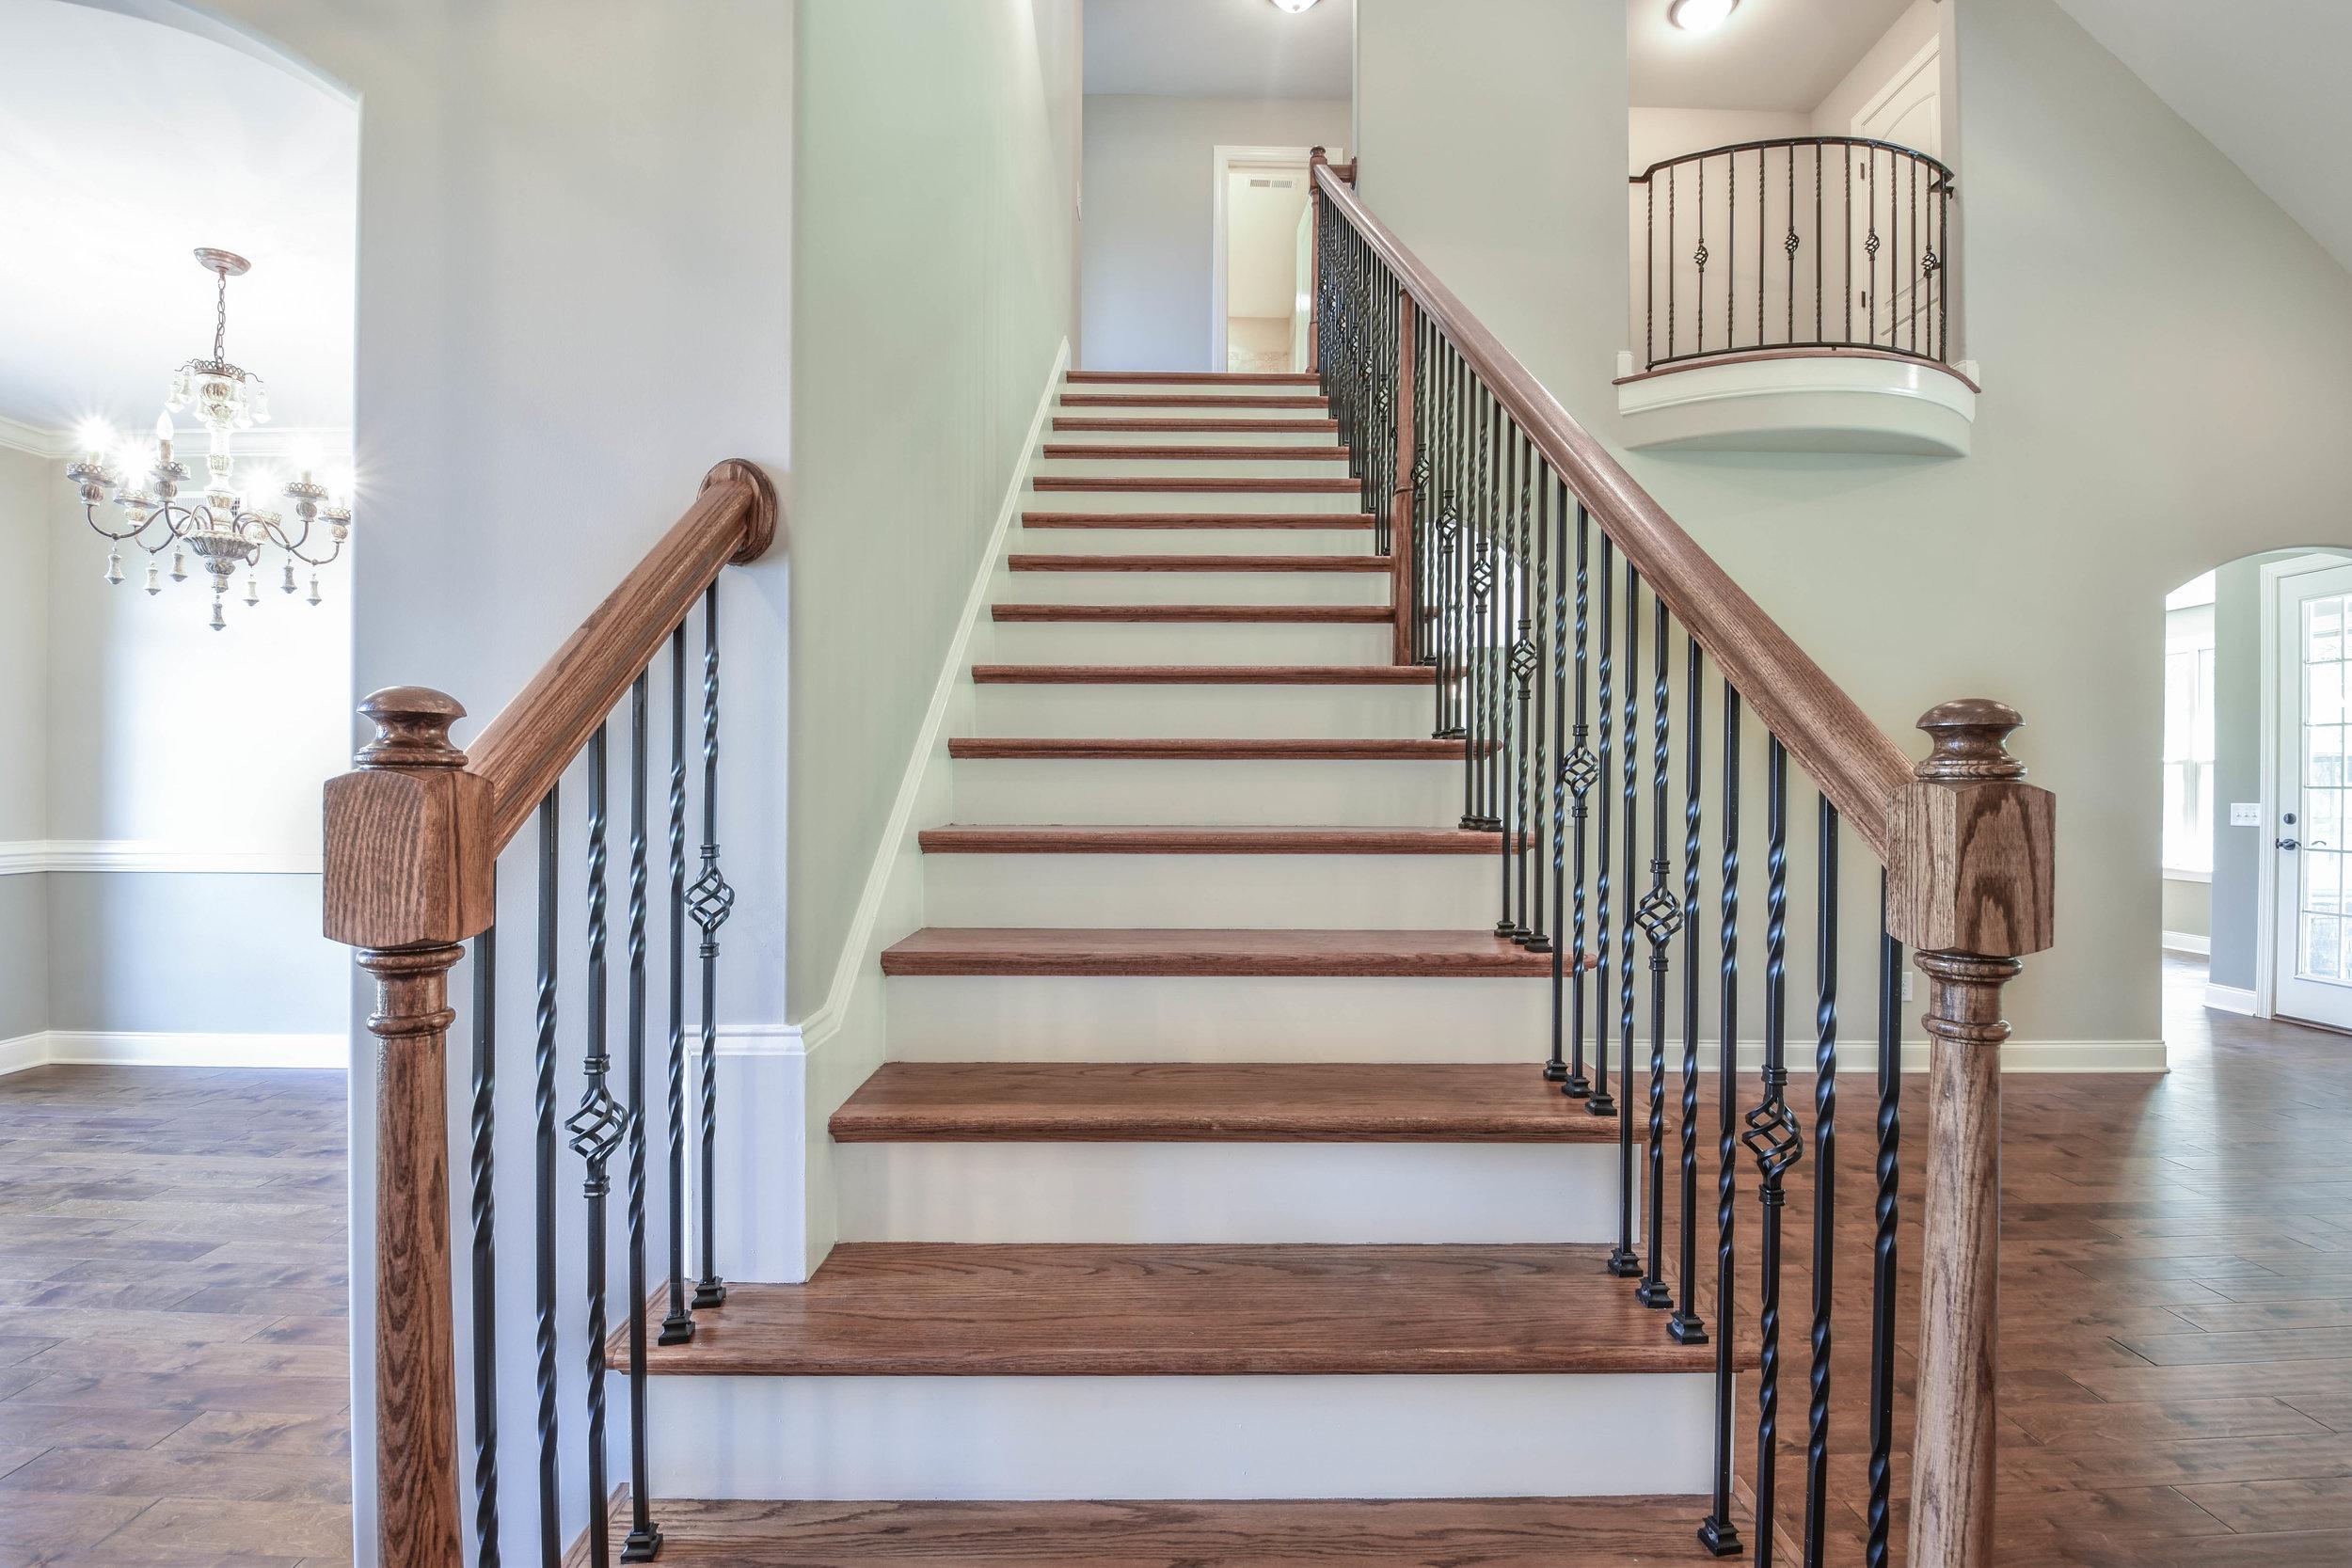 21.Stairs.jpg